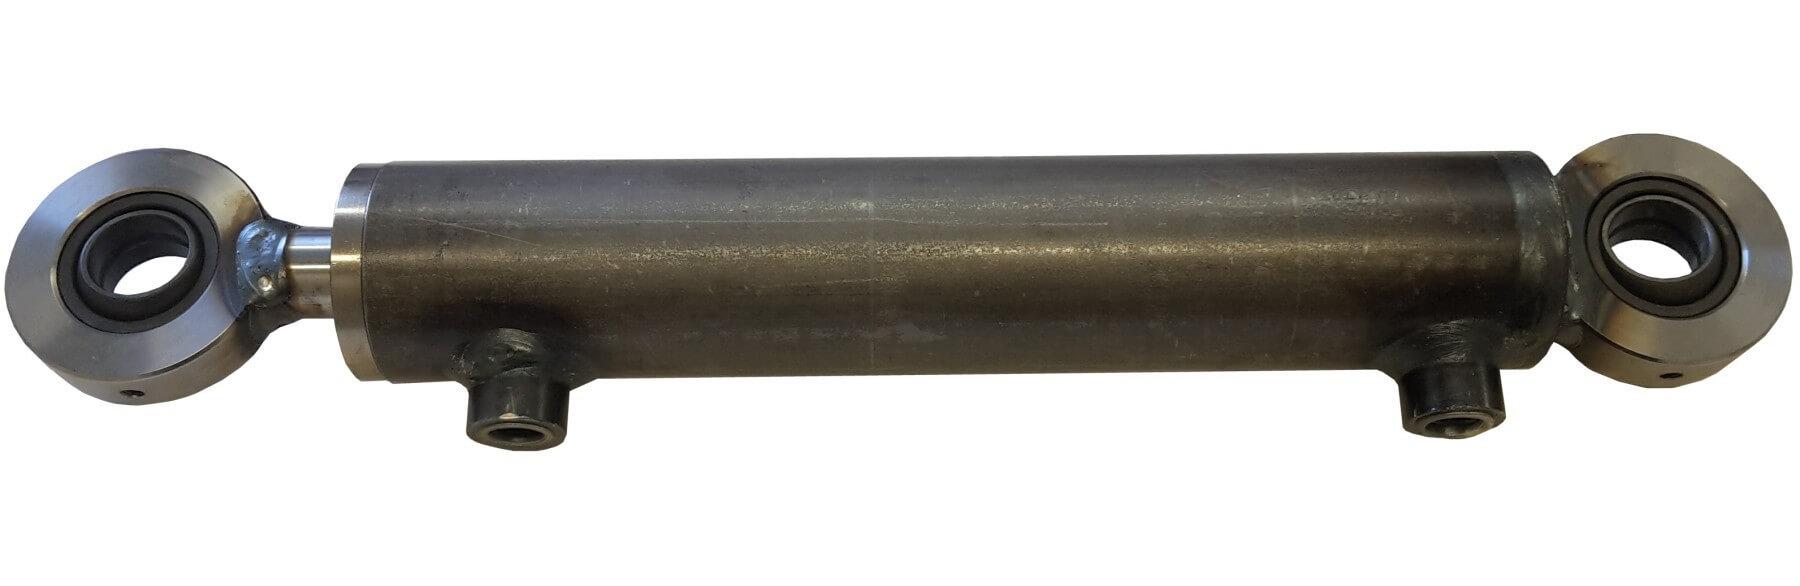 Hydraulisylinteri CL 70. 40. 450 GE - Kailatec Oy Verkkokauppa